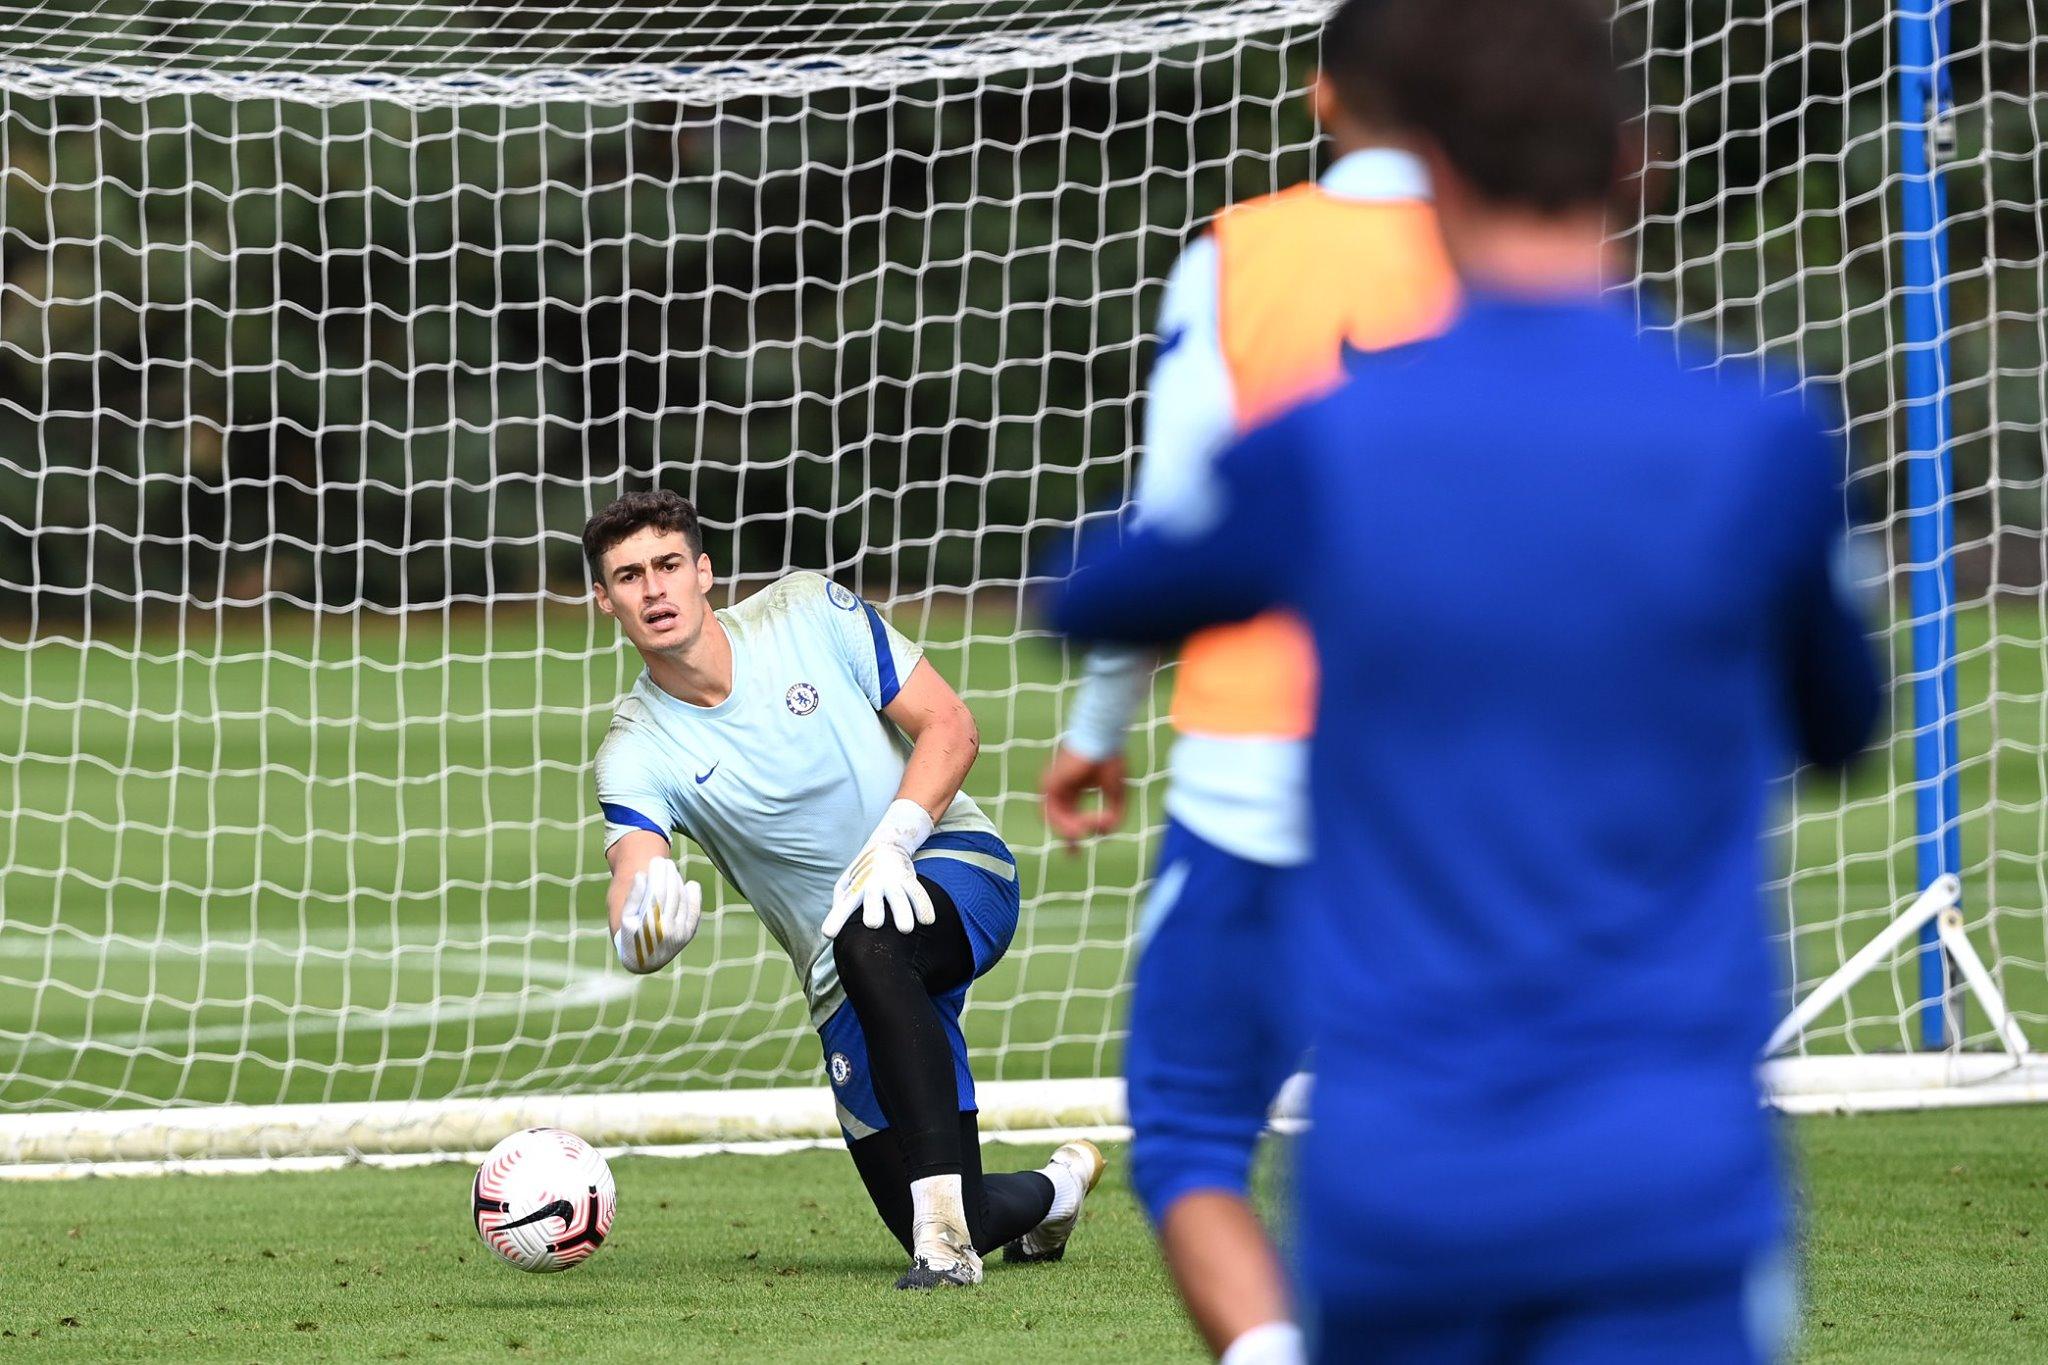 Tân binh dứt điểm sắc bén, Chelsea sẵn sàng gieo rắc sợ hãi lên Premier League - Bóng Đá